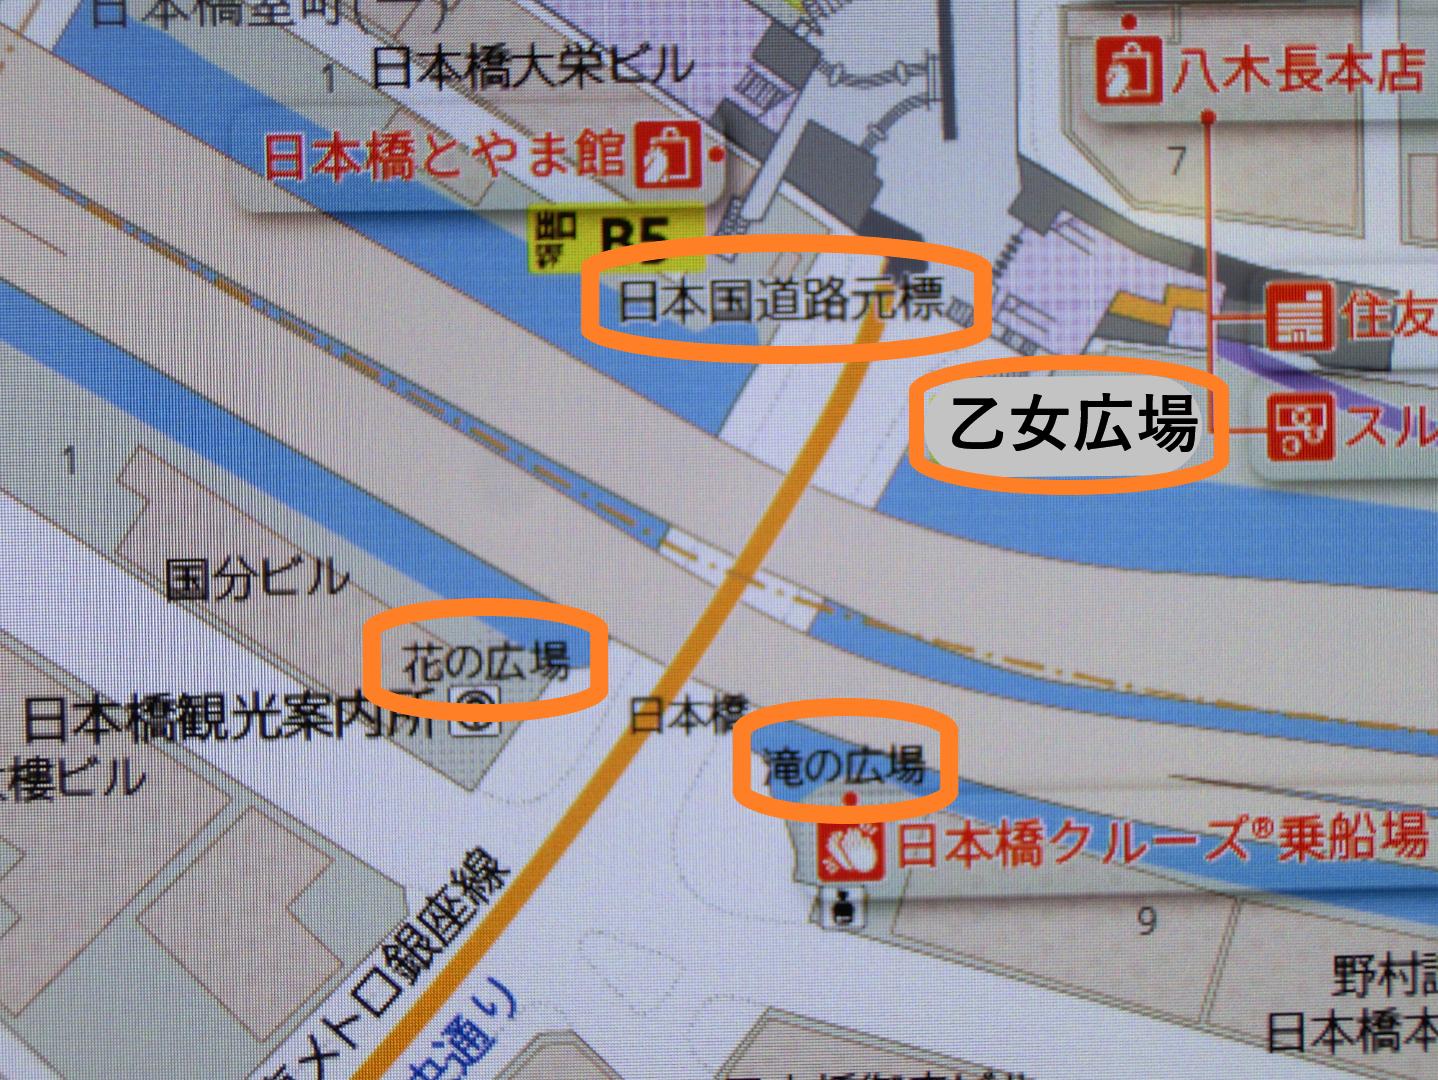 4つの広場 地図 橋梁としての日本橋2